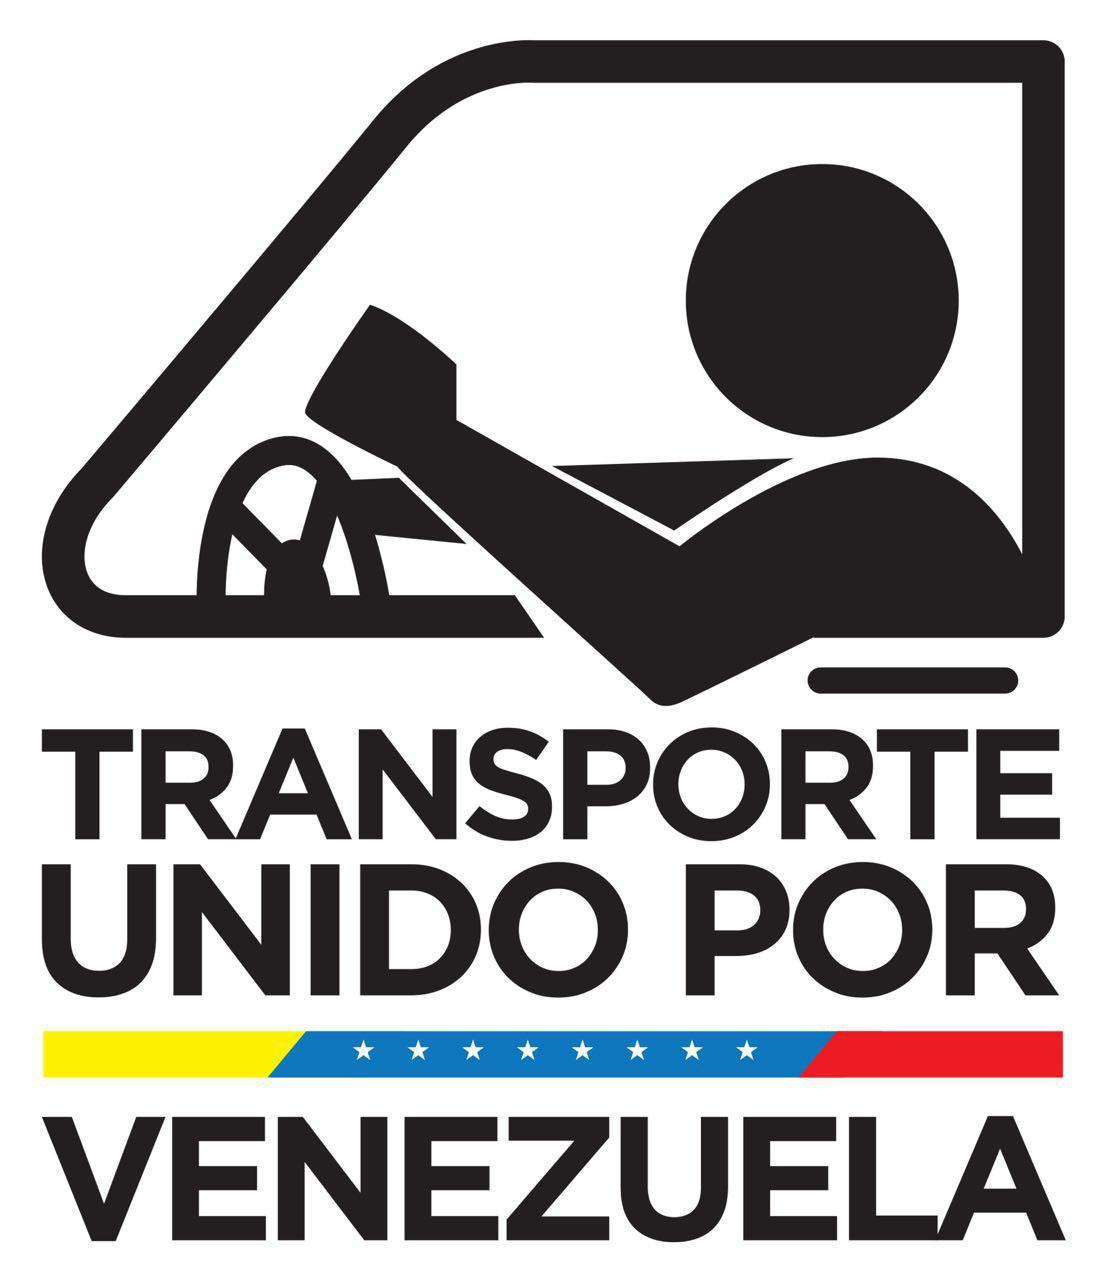 transporte unido por venezuela